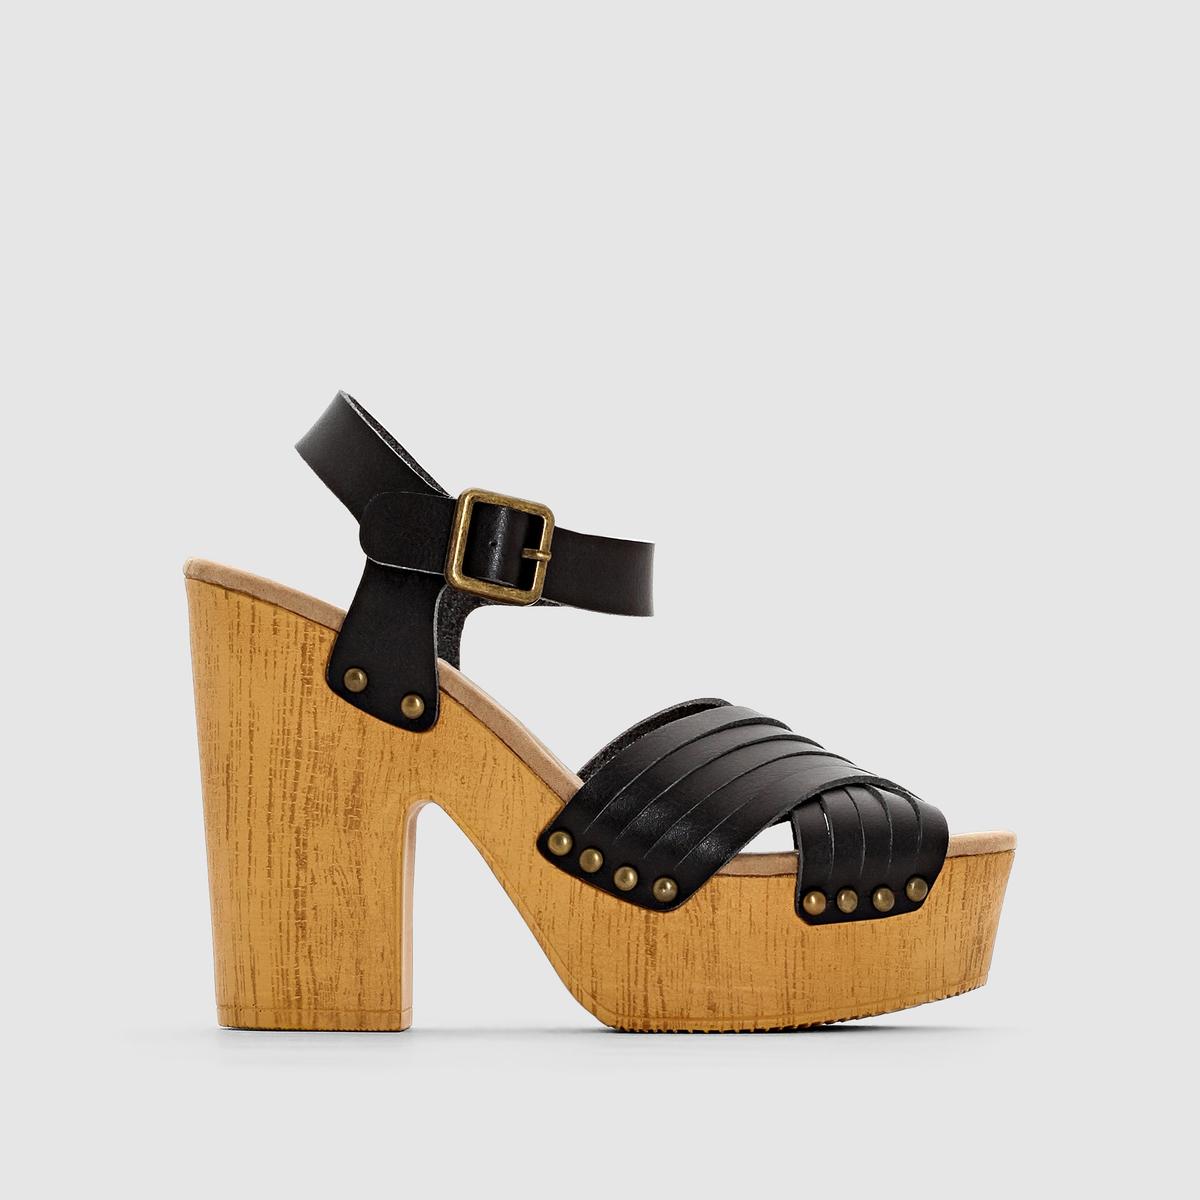 Босоножки на платформе COHENВ этих босоножках на стильном компенсированном каблуке вы будете выглядеть очень сексуально и чувствовать невероятный комфорт этим летом!<br><br>Цвет: черный